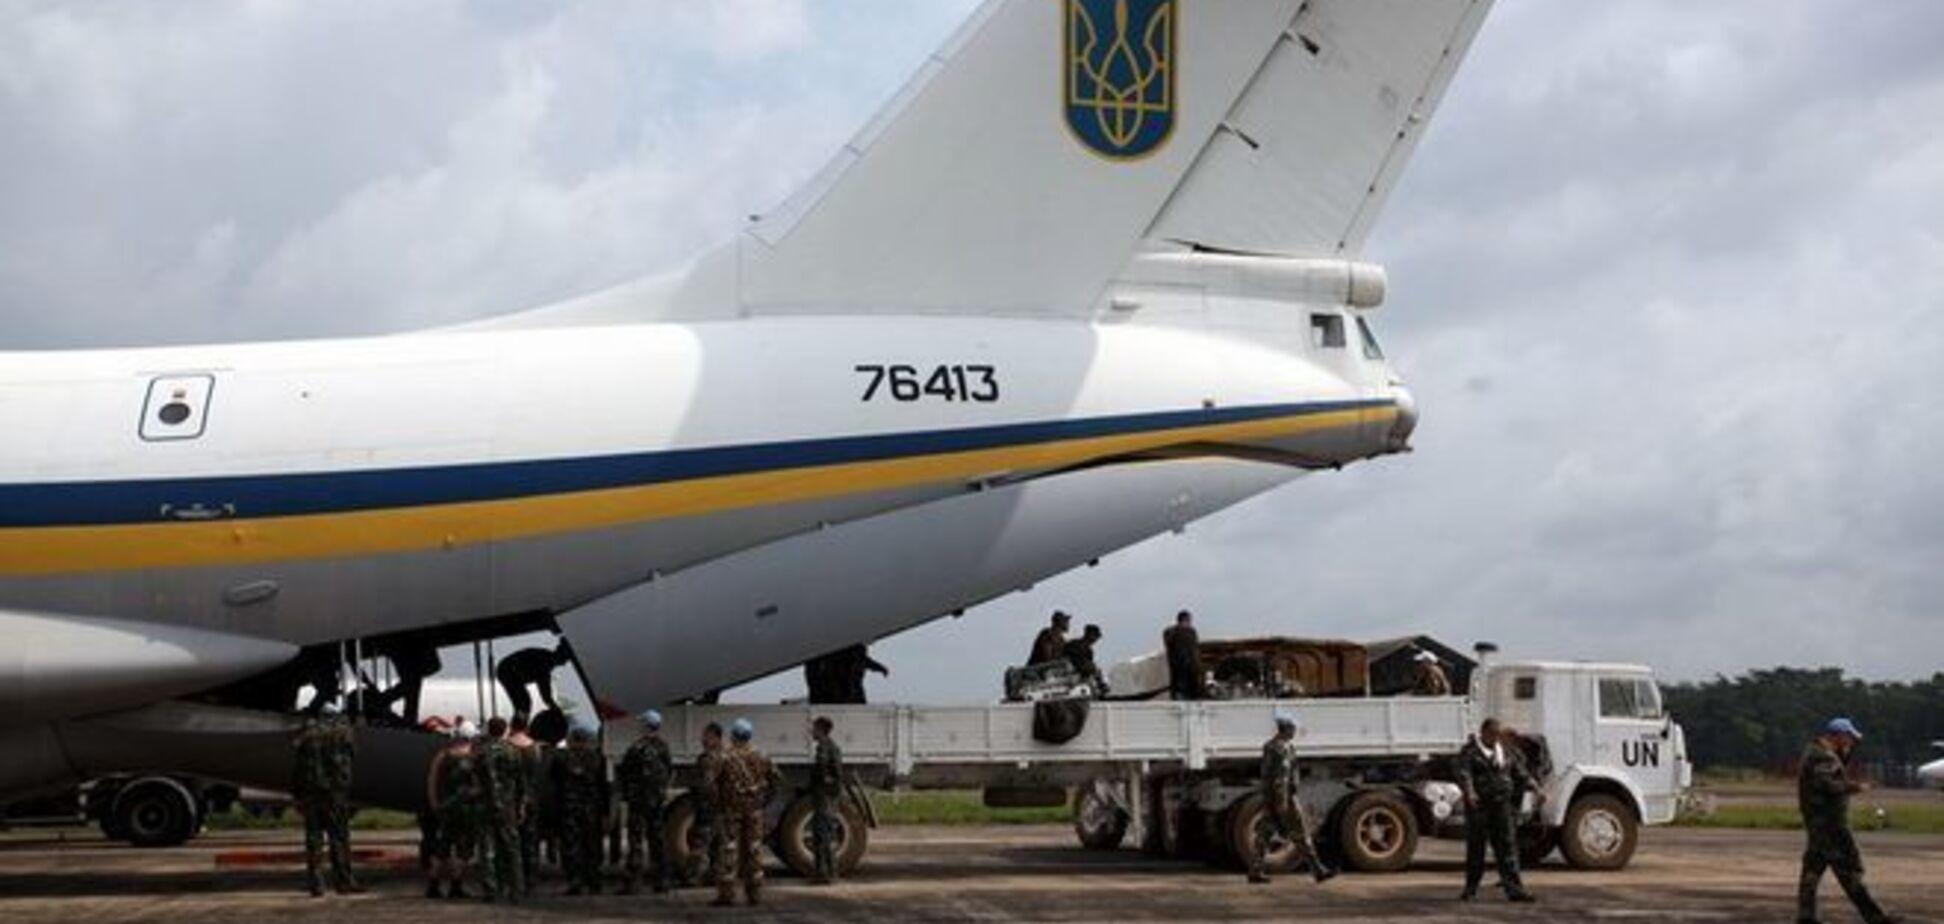 Останки военных, погибших в ИЛ-76, находятся в аэропорту Луганска - Селезнев